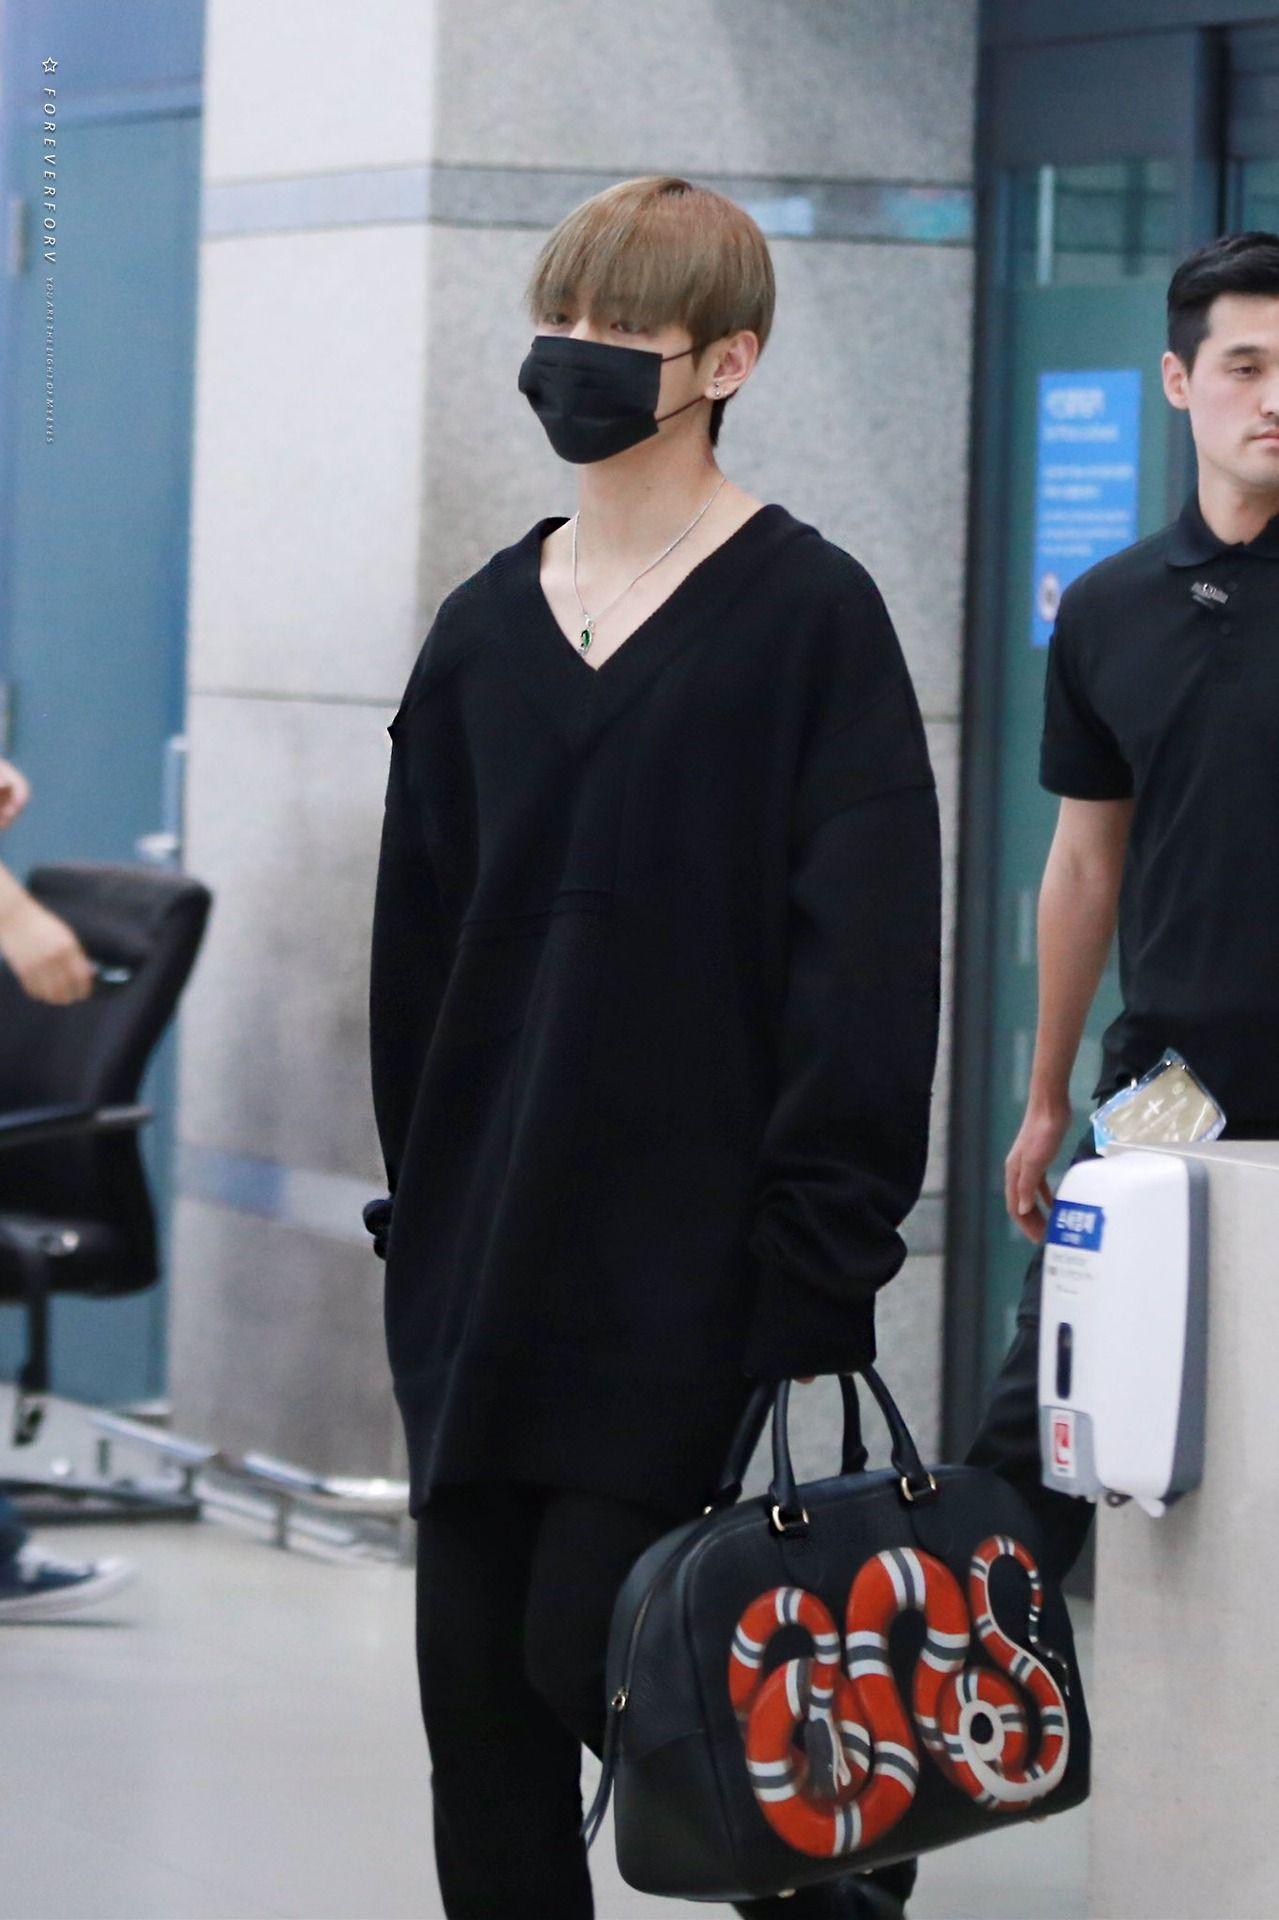 The Gucci Bag Just Bts Taehyung Taehyung Gucci Kim Taehyung Taehyung